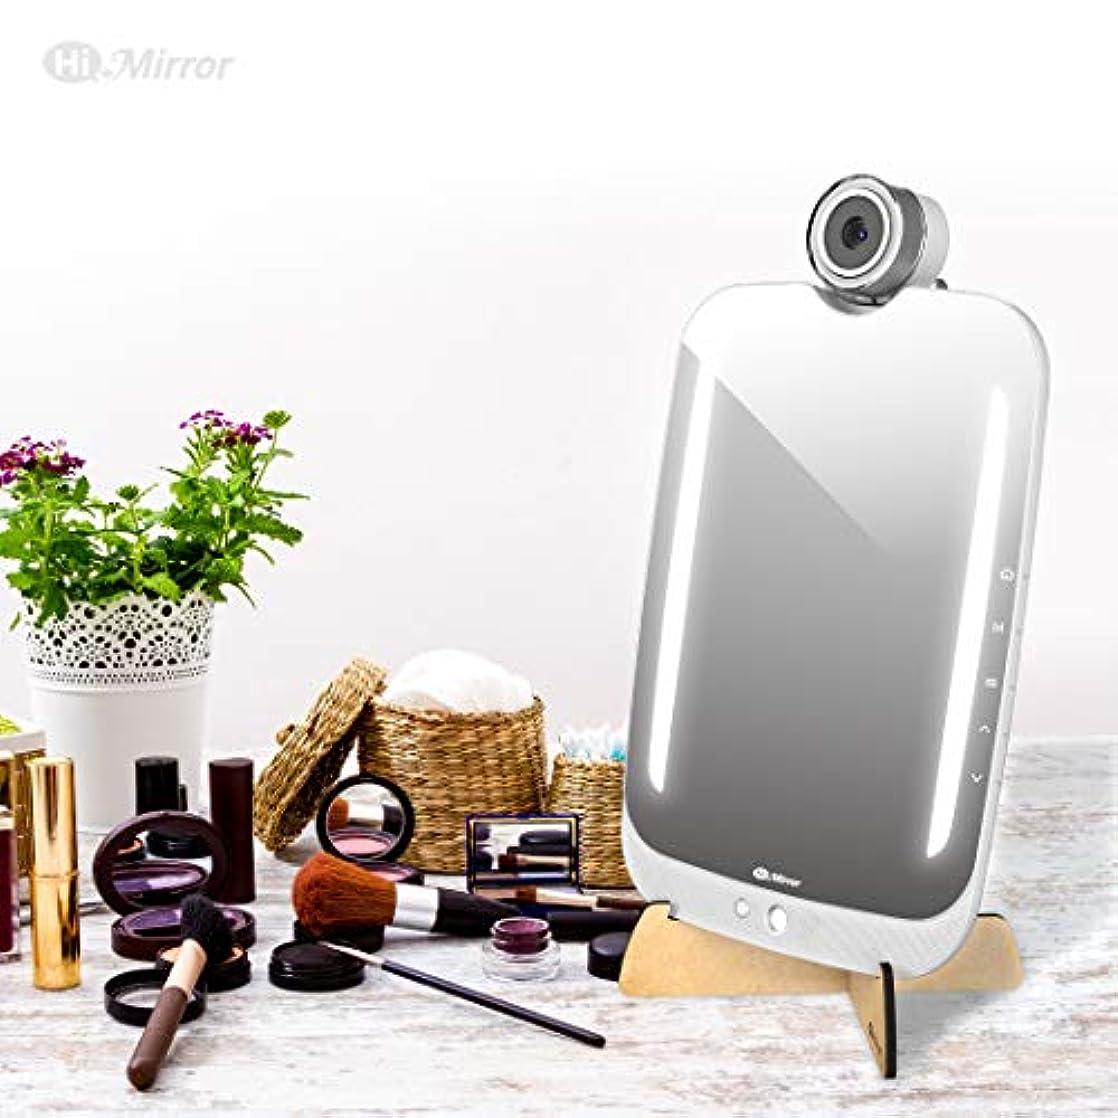 スキムセンサー正しいHiMirrorプラス-デバイス型ビューティミラー、メイクアップシミュレーションAR新機能搭載、高精度カメラ機能とアプリケーションによる肌分析 BM618RC00AB